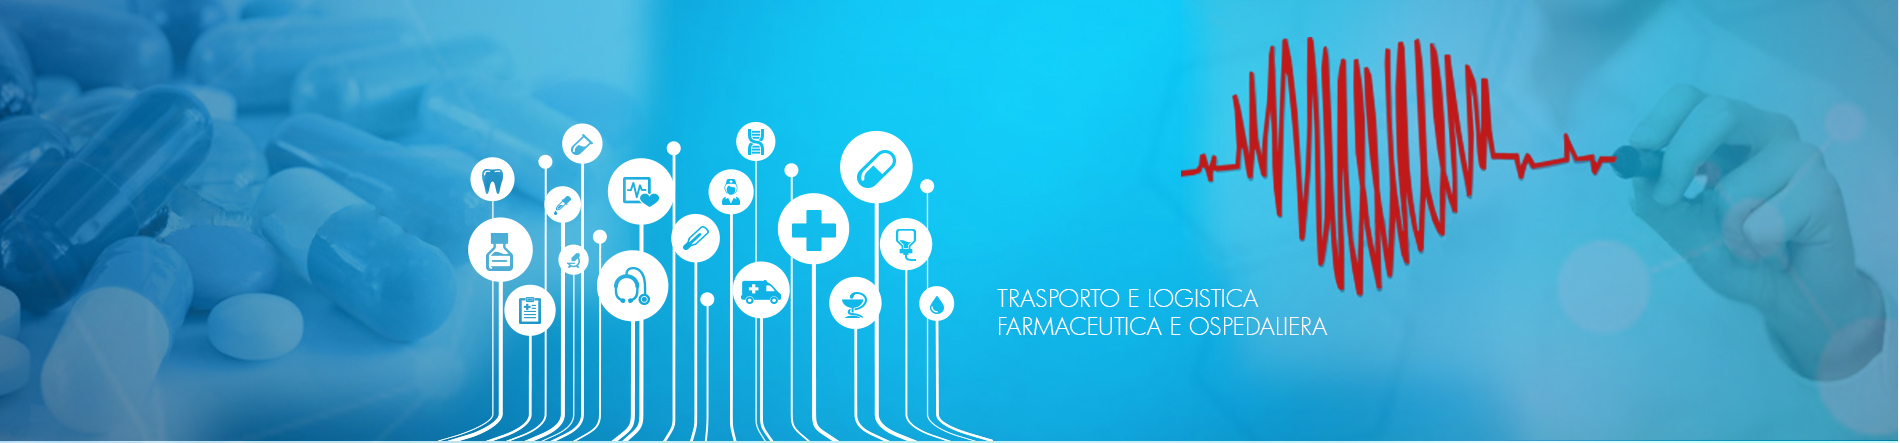 Trasporto di dispositivi medici - Trasporto di reagenti chimici - Logistica farmaceutica - Logistica Ospedaliera - Logistica Farmaceutica - Trasporto cosmetici - Trasporto farmaci e medicinali